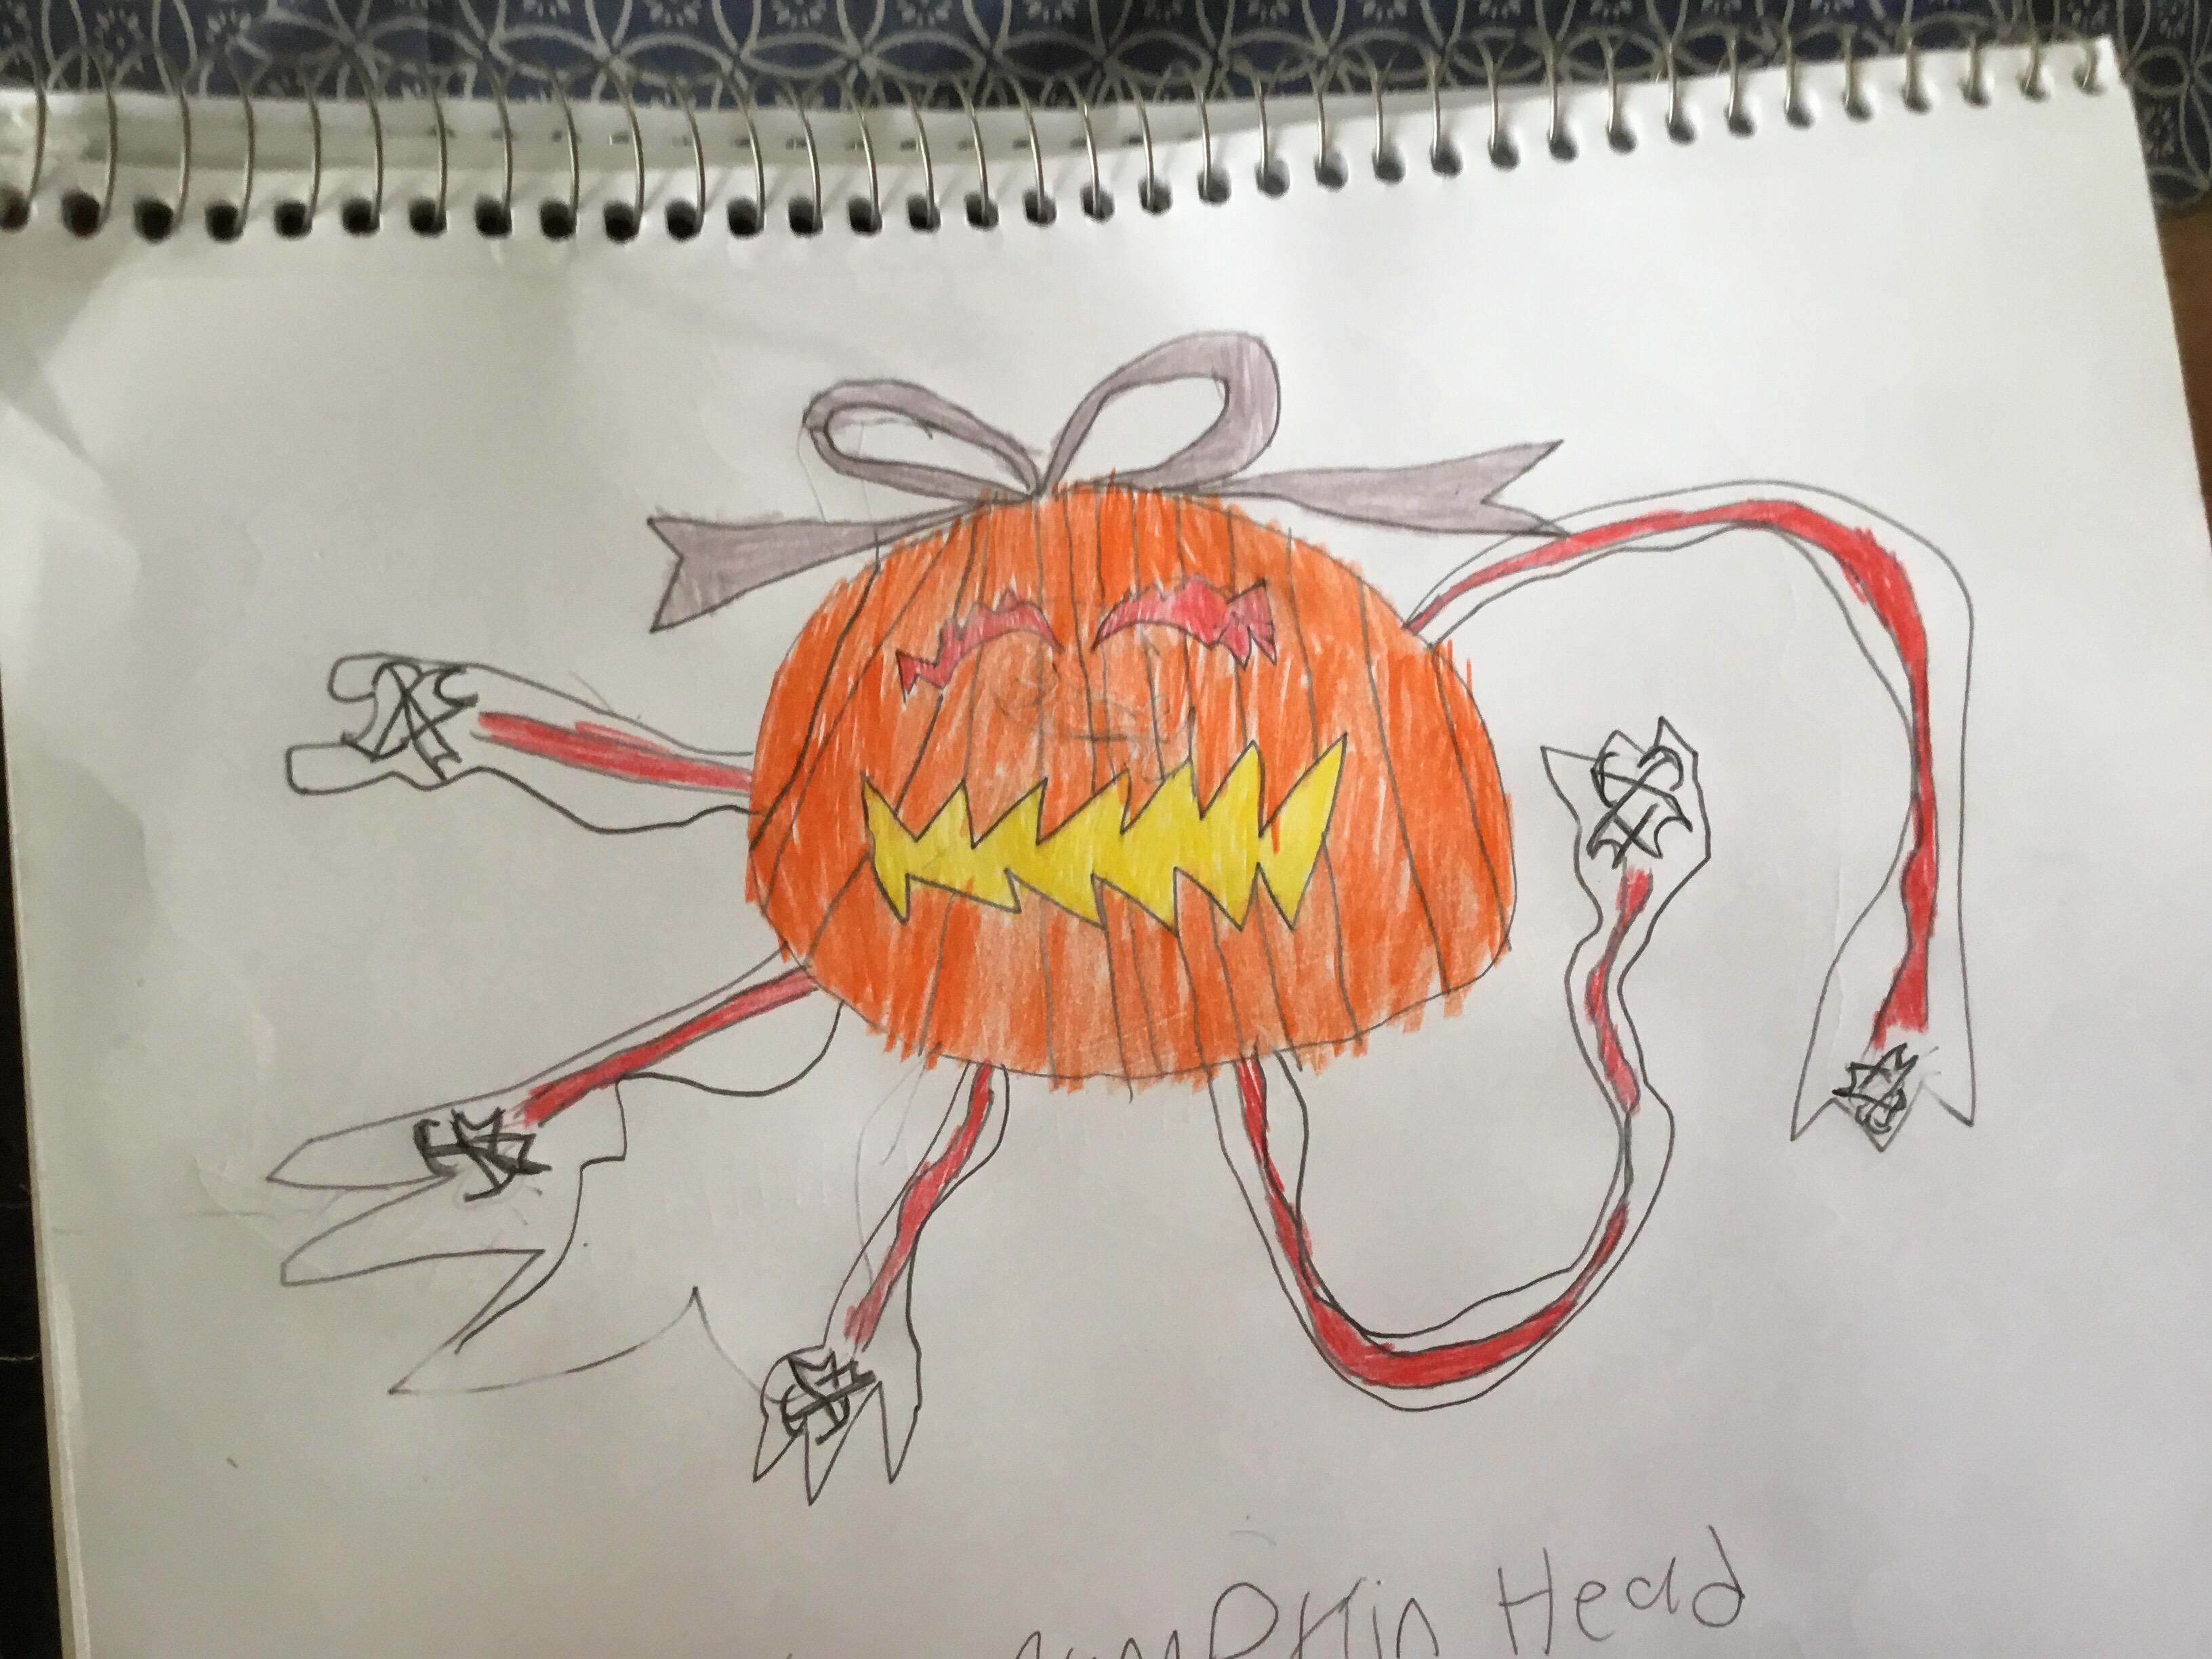 pumpkin_head_by_herotrainer7-dchffpi.jpg